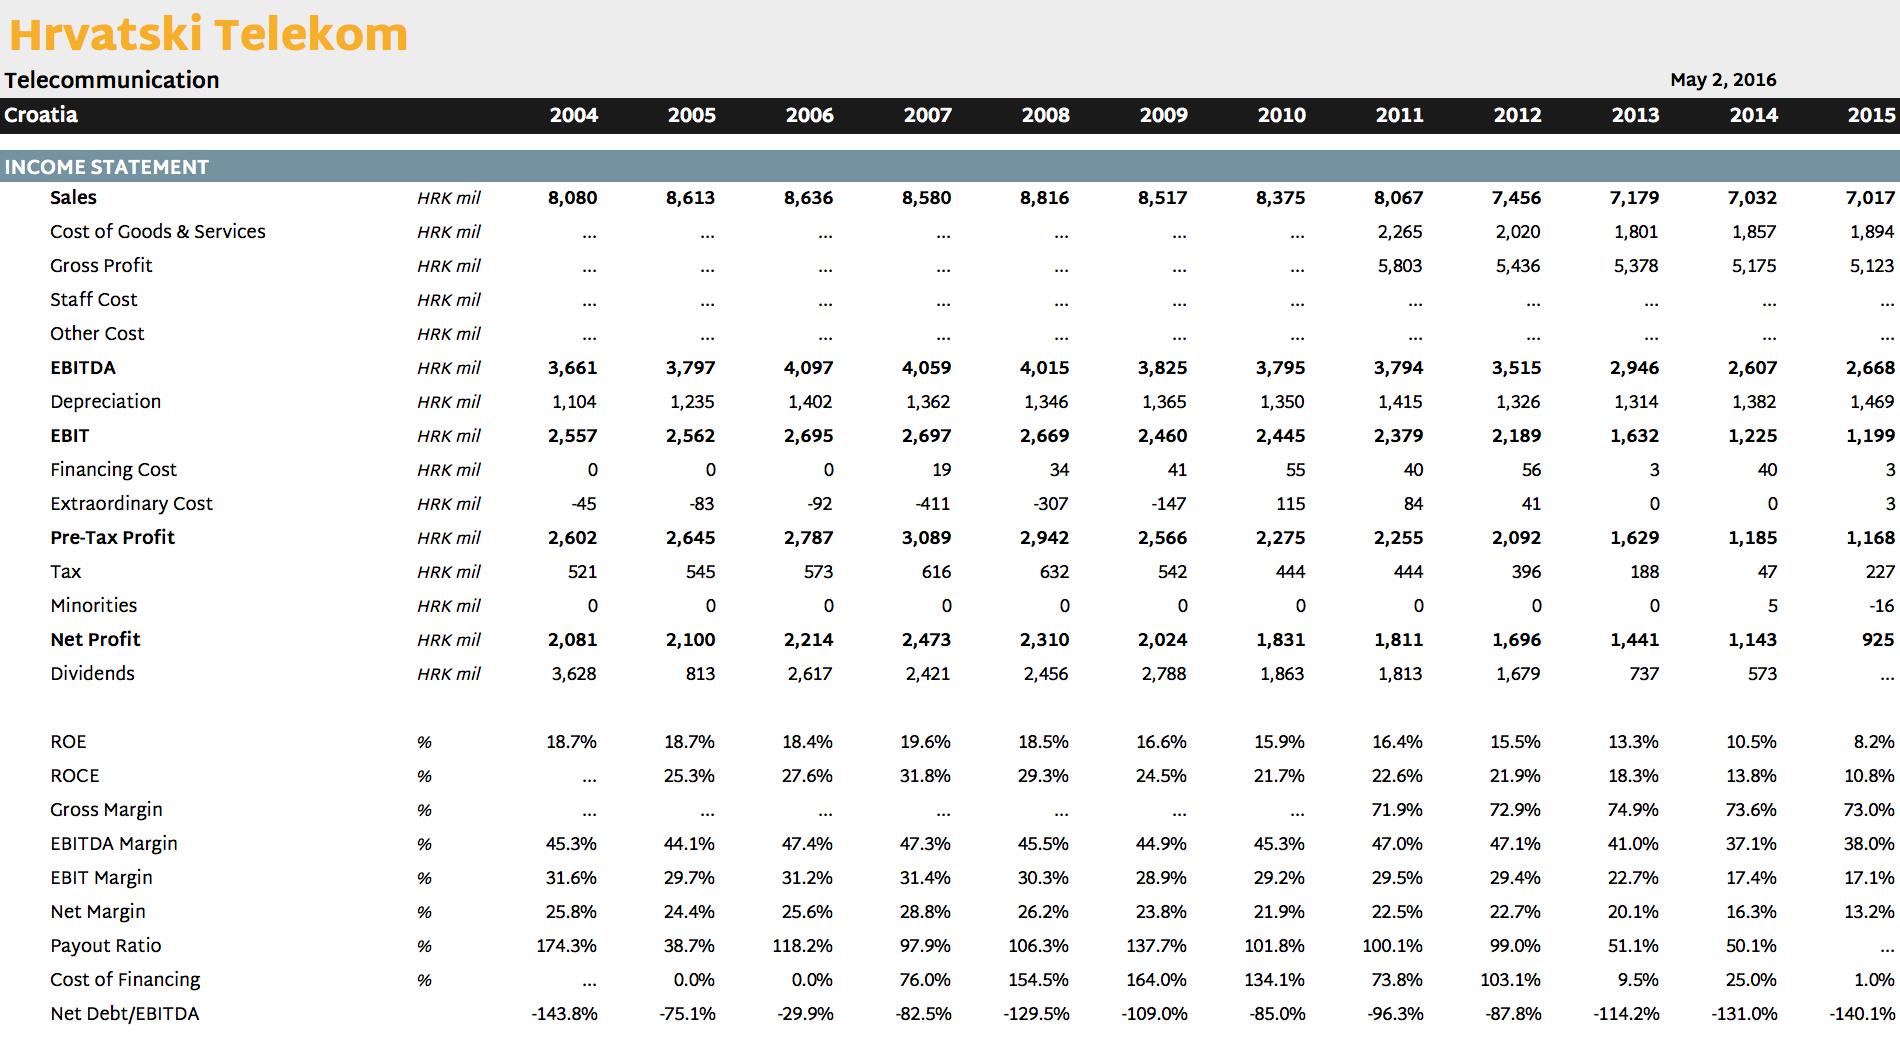 Hrvatski Telekom in Numbers